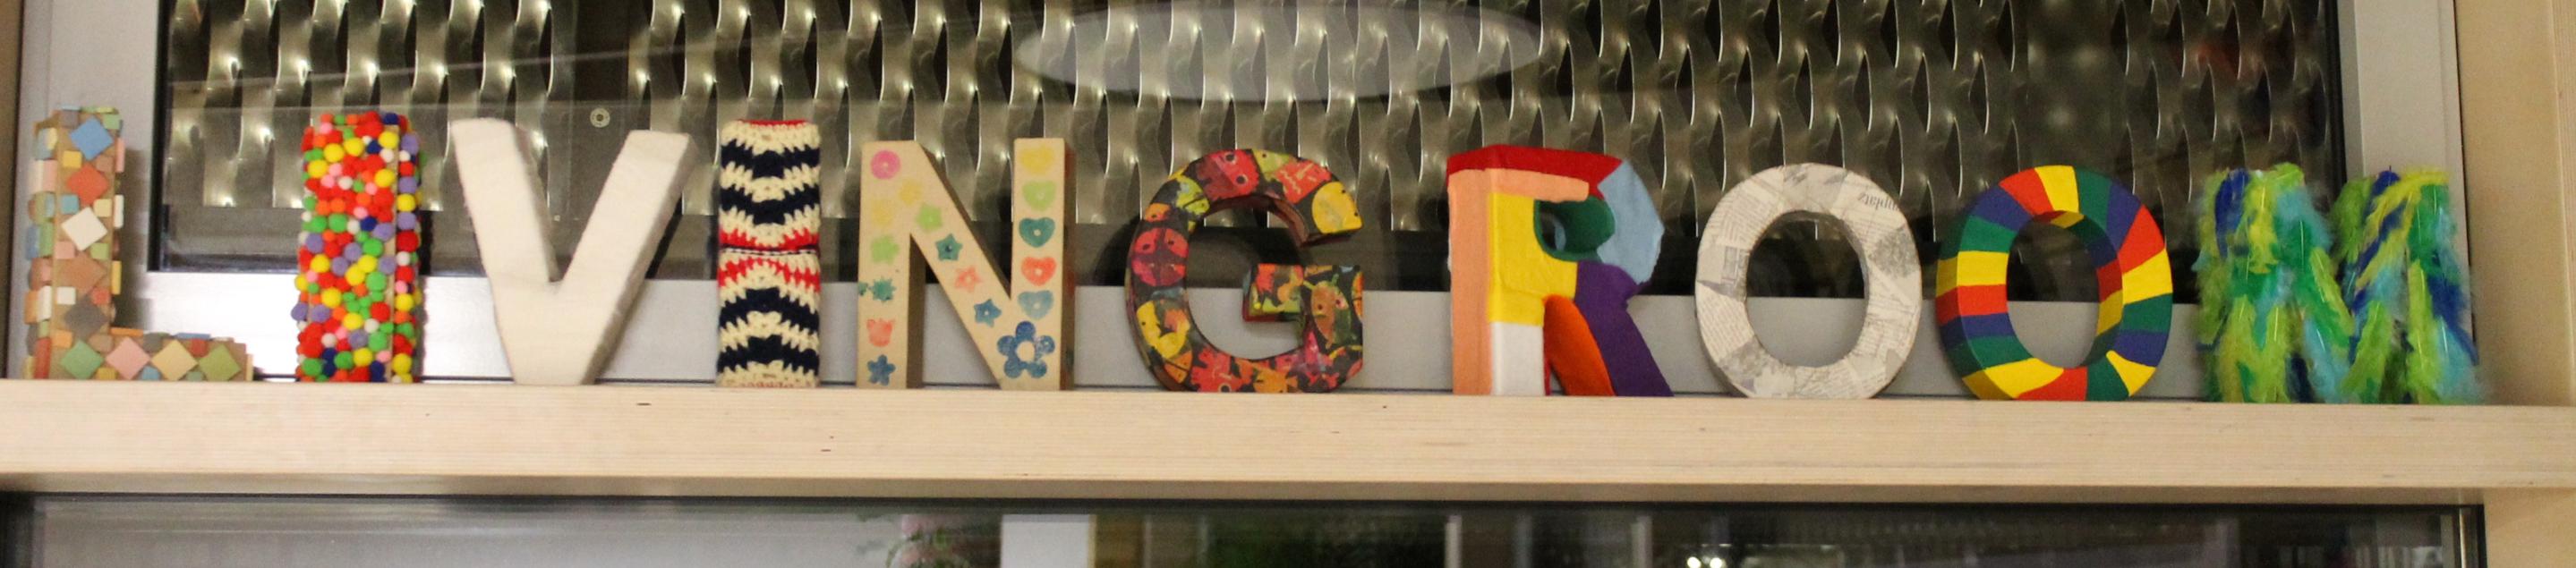 living room Buchstaben gestaltet